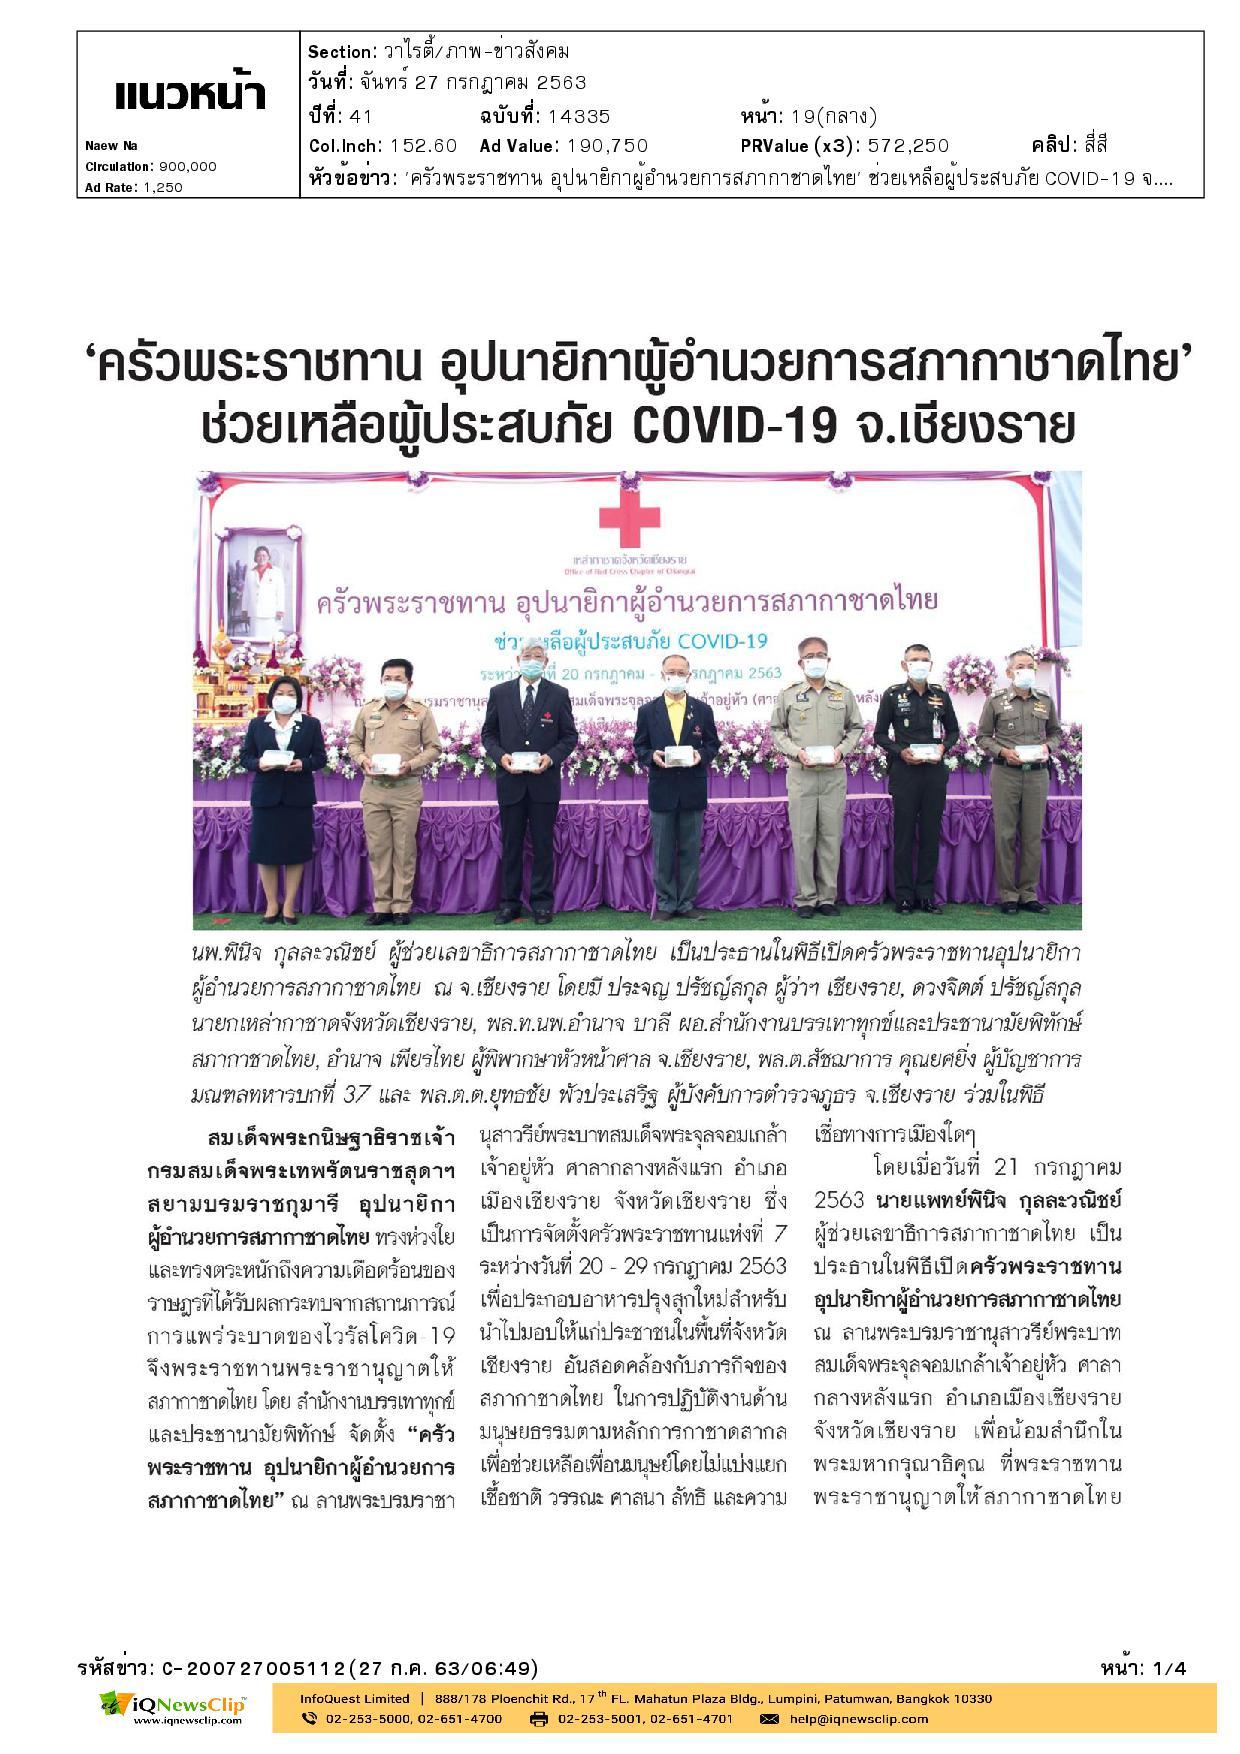 ครัวพระราชทาน อุปนายิกาผู้อำนวยการสภากาชาดไทย